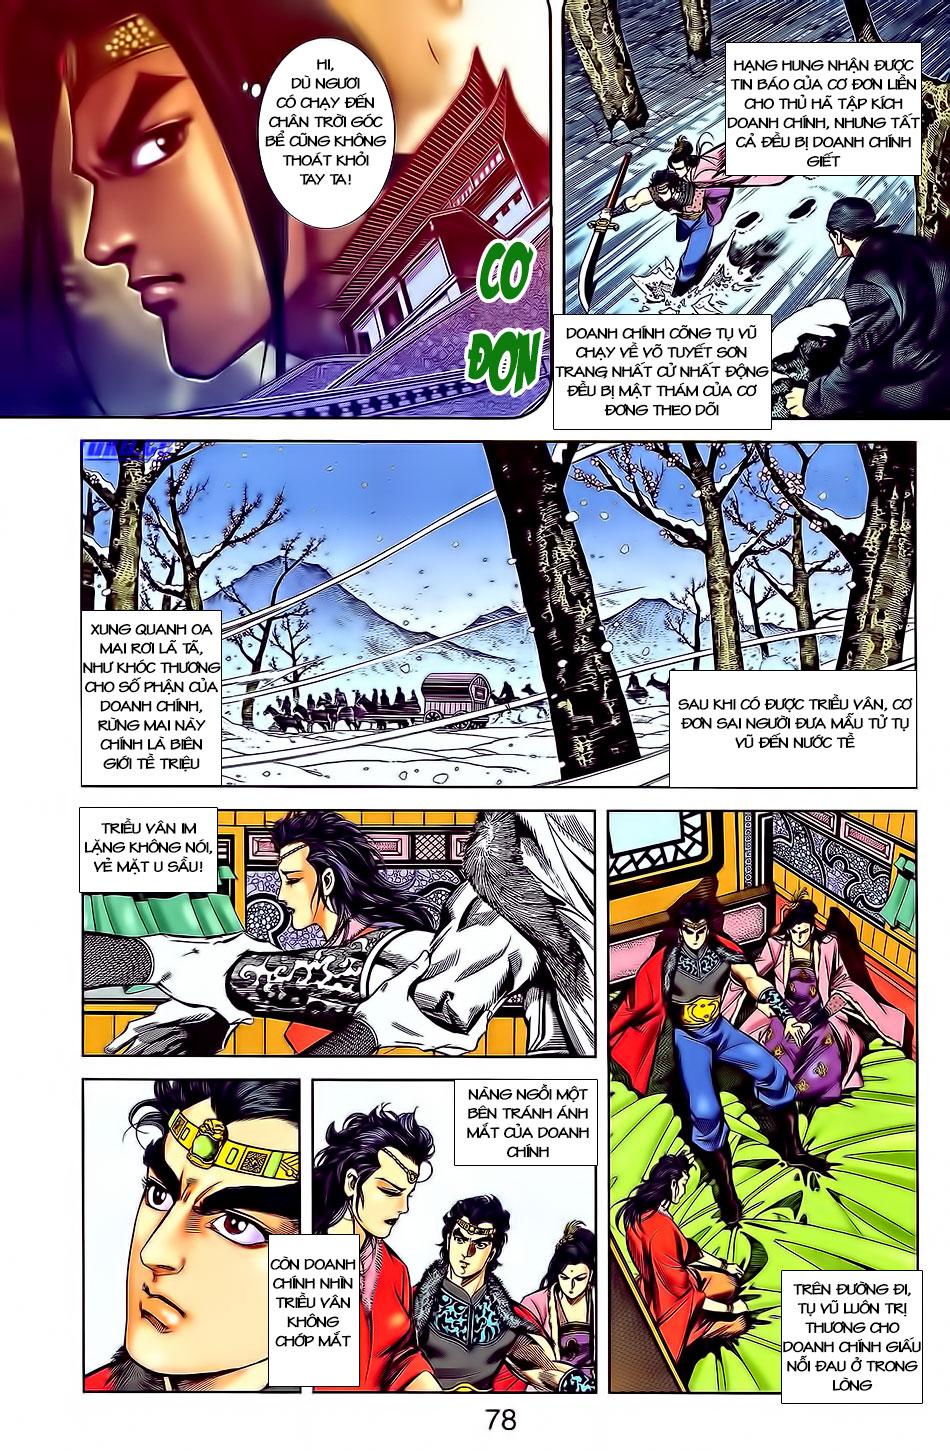 Tần Vương Doanh Chính chapter 3 trang 5